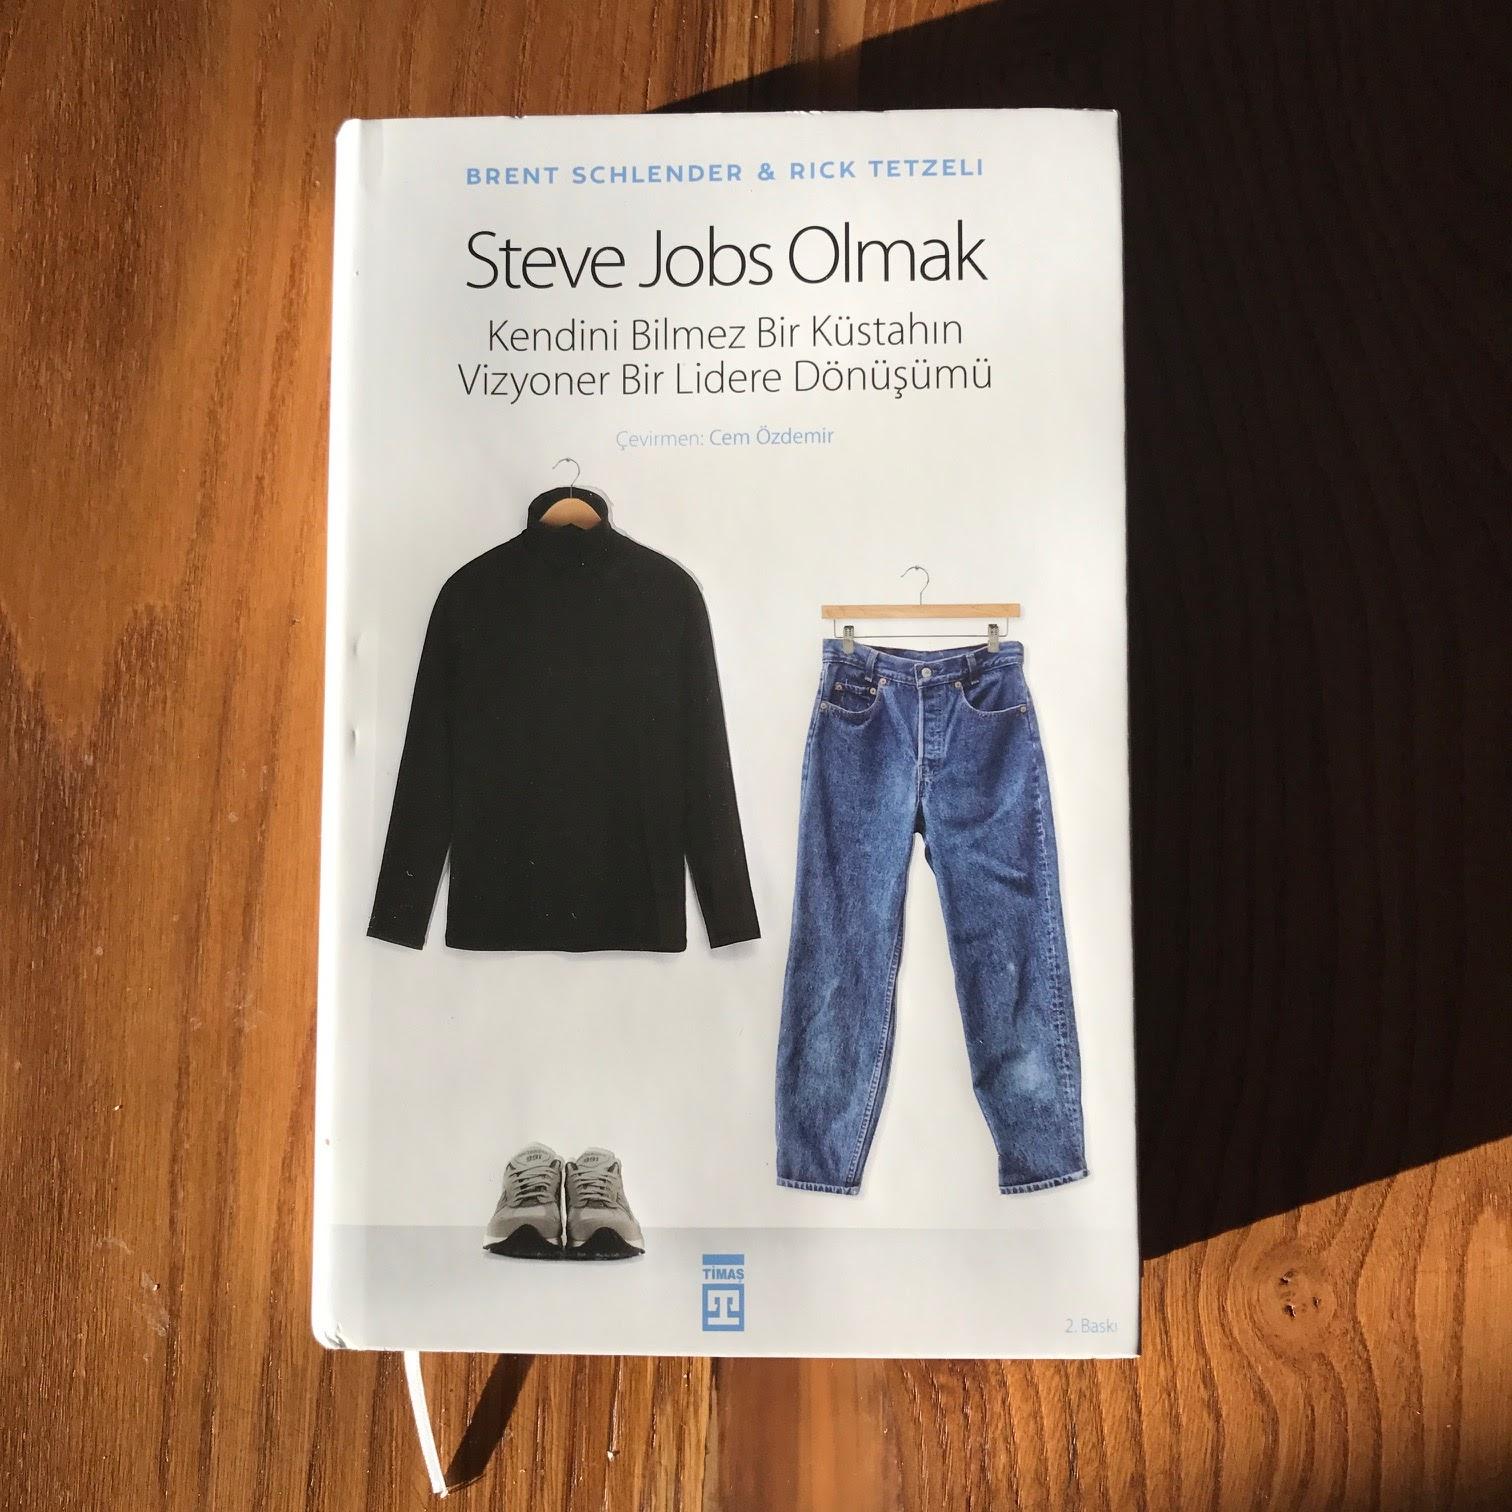 Steve Jobs Olmak - Kendini Bilmez Bir Kustahin Vizyoner Bir Lidere Donusumu